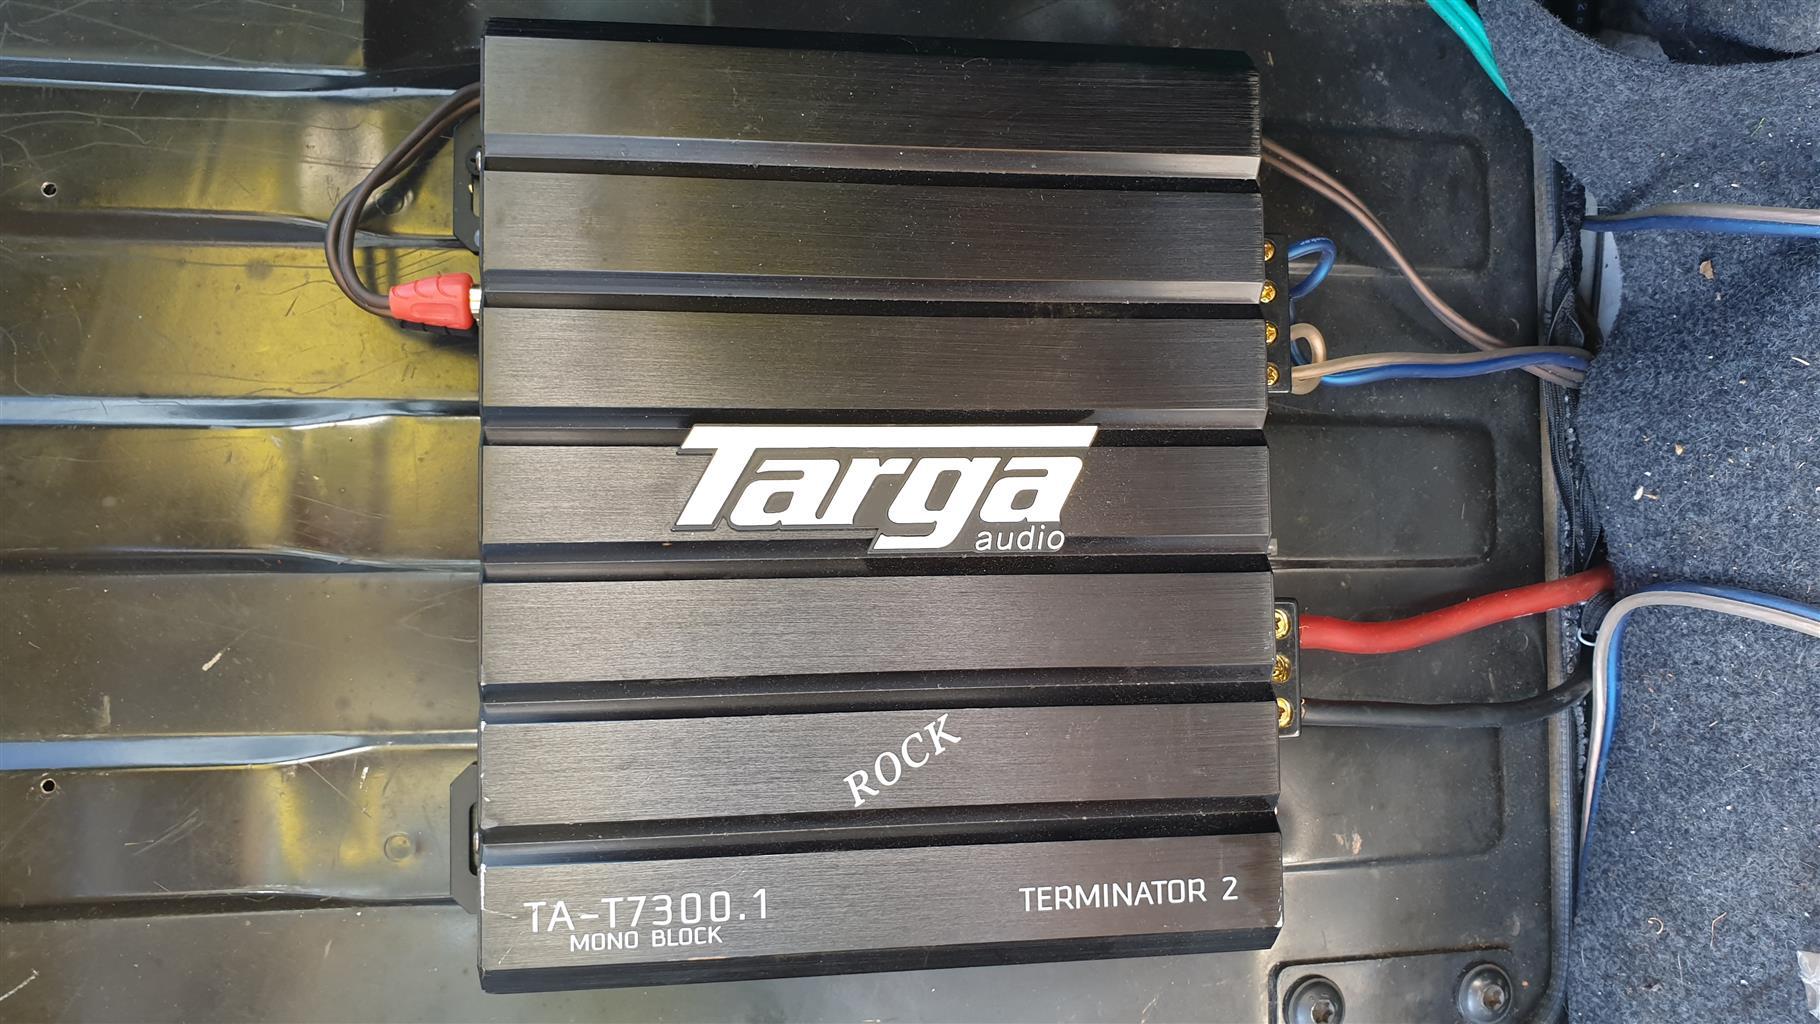 2001 Ford Fiesta 1.4i 3 door Trend